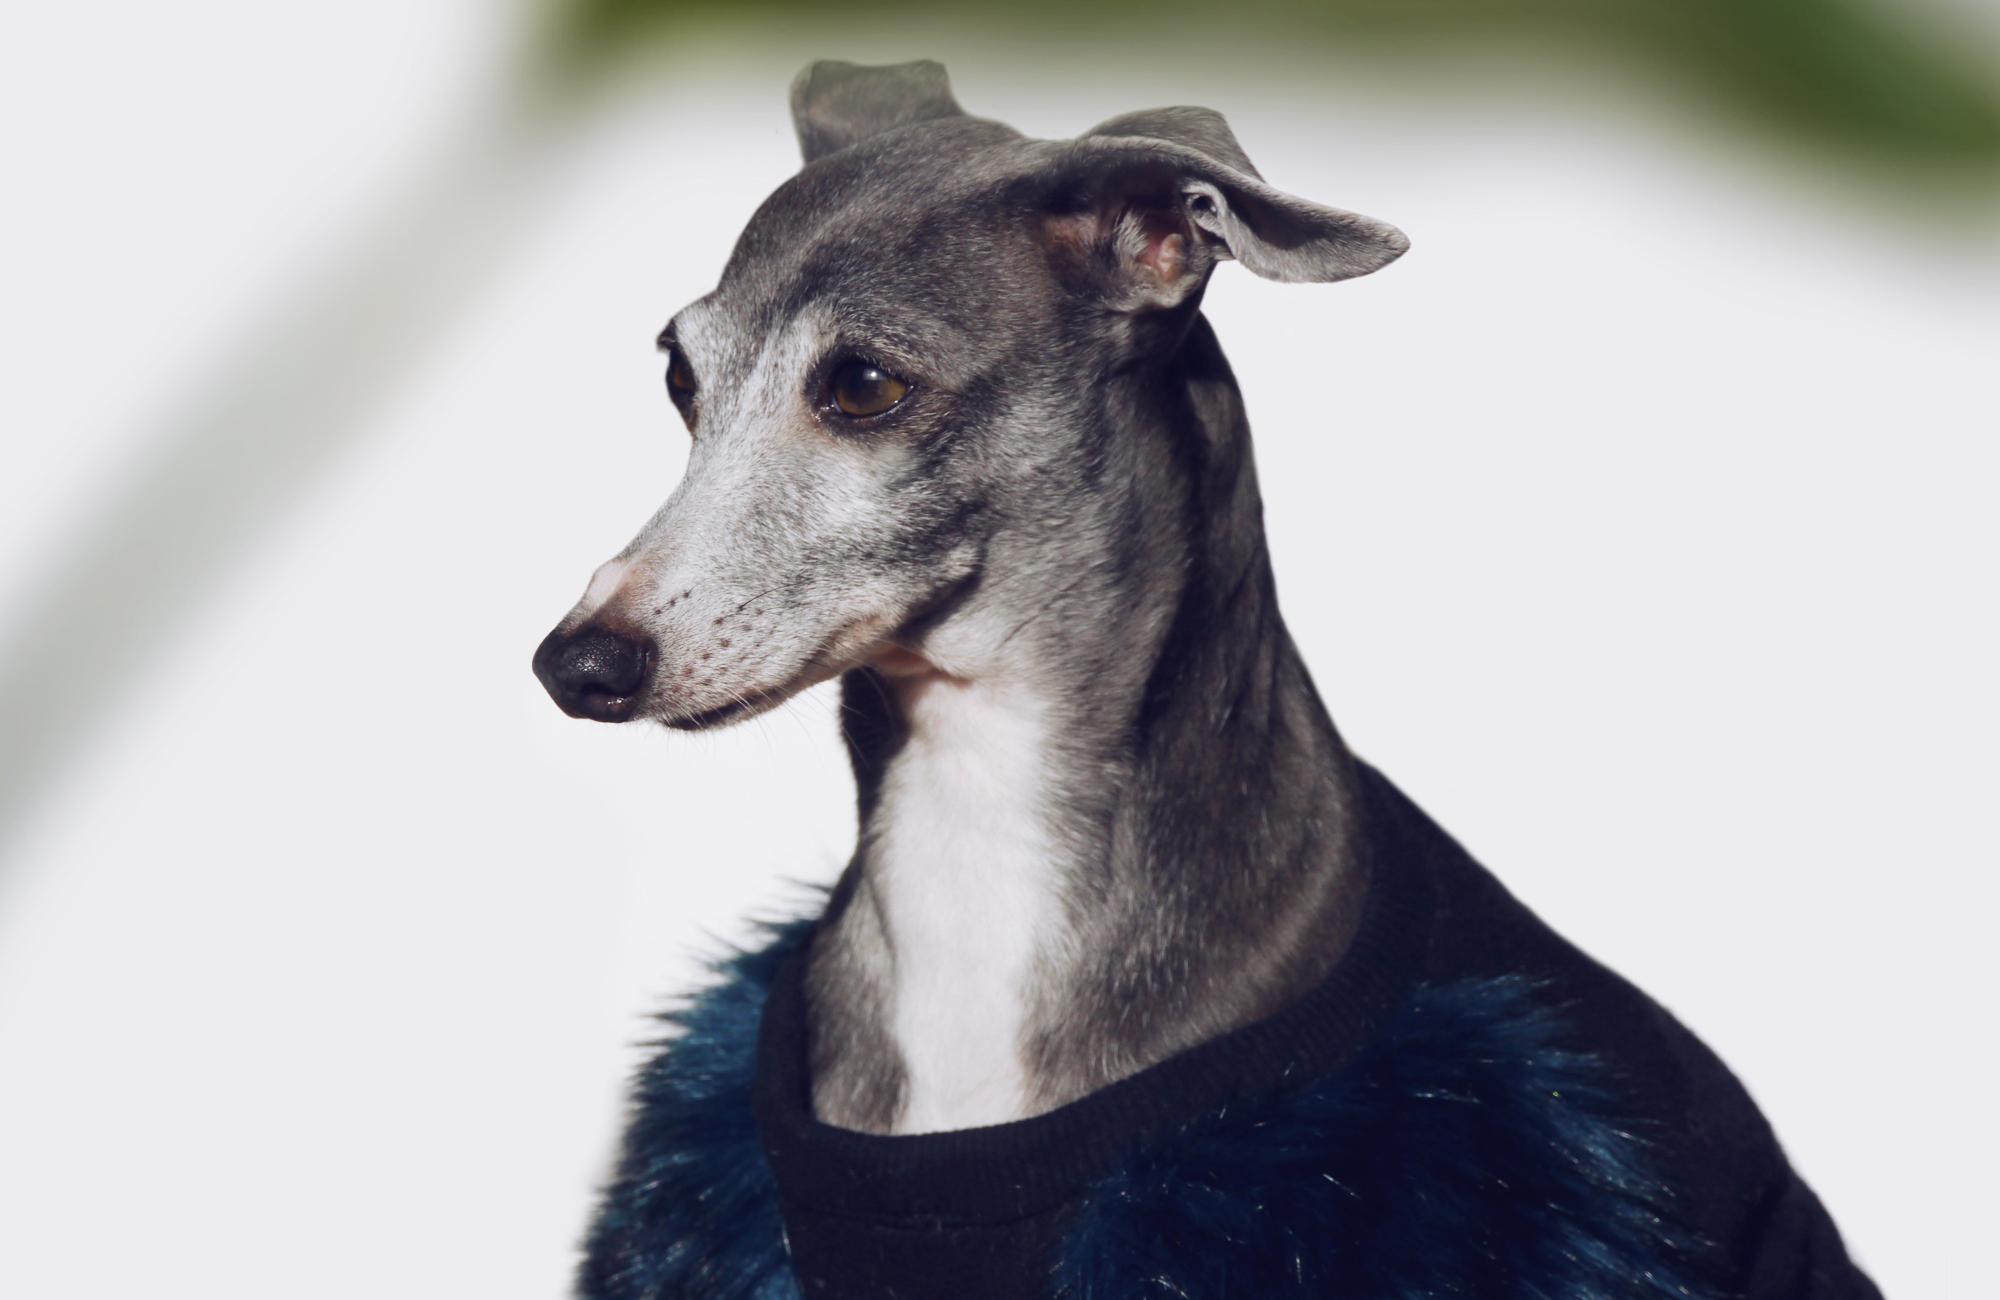 メルボルン生まれのドッグブランド「Eye of Dog」のファー付き愛犬用服は残りわずかとなりました。